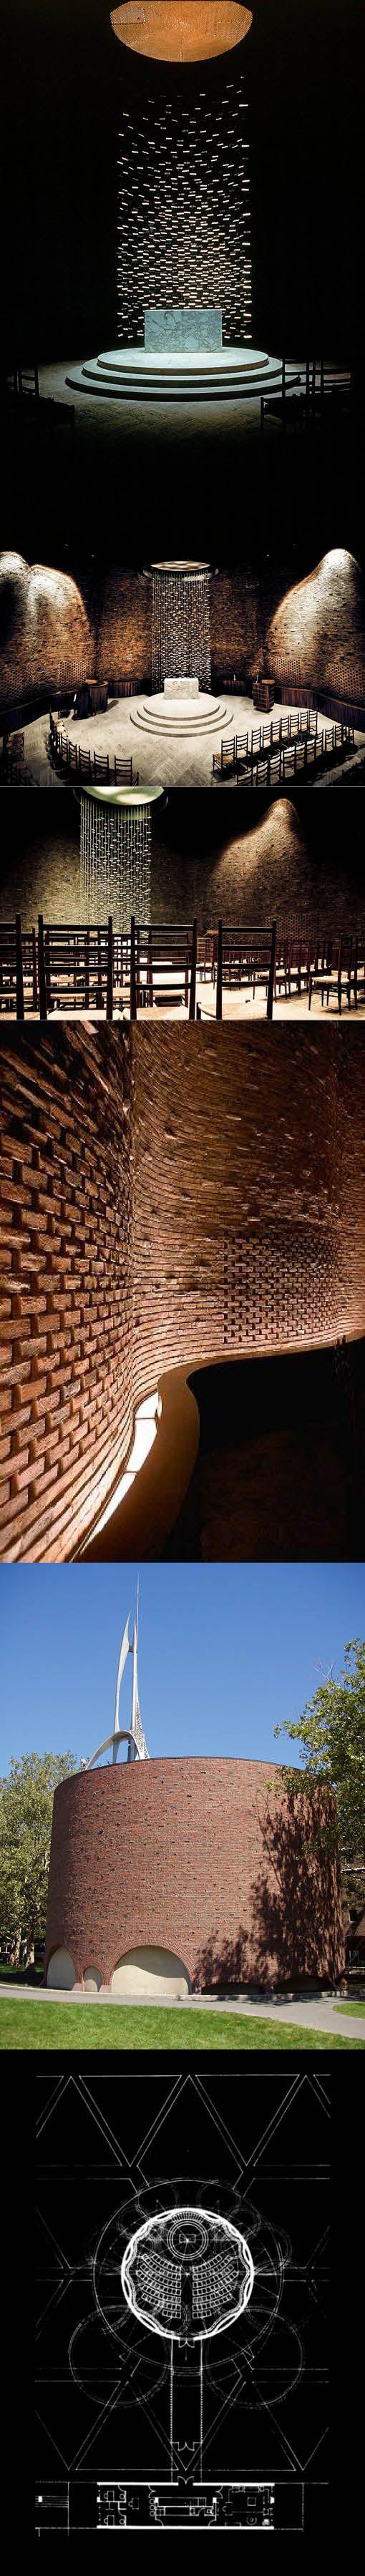 1953-1955 Eero Saarinen - Kresge Chapel at MIT / Cambridge USA / Finland / brick marble / Harry Bertoia